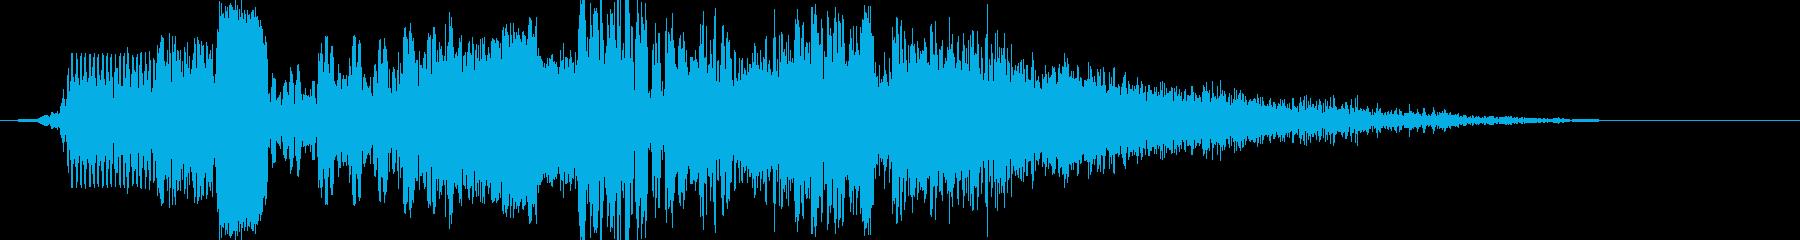 ラジオジングル制作キットの再生済みの波形